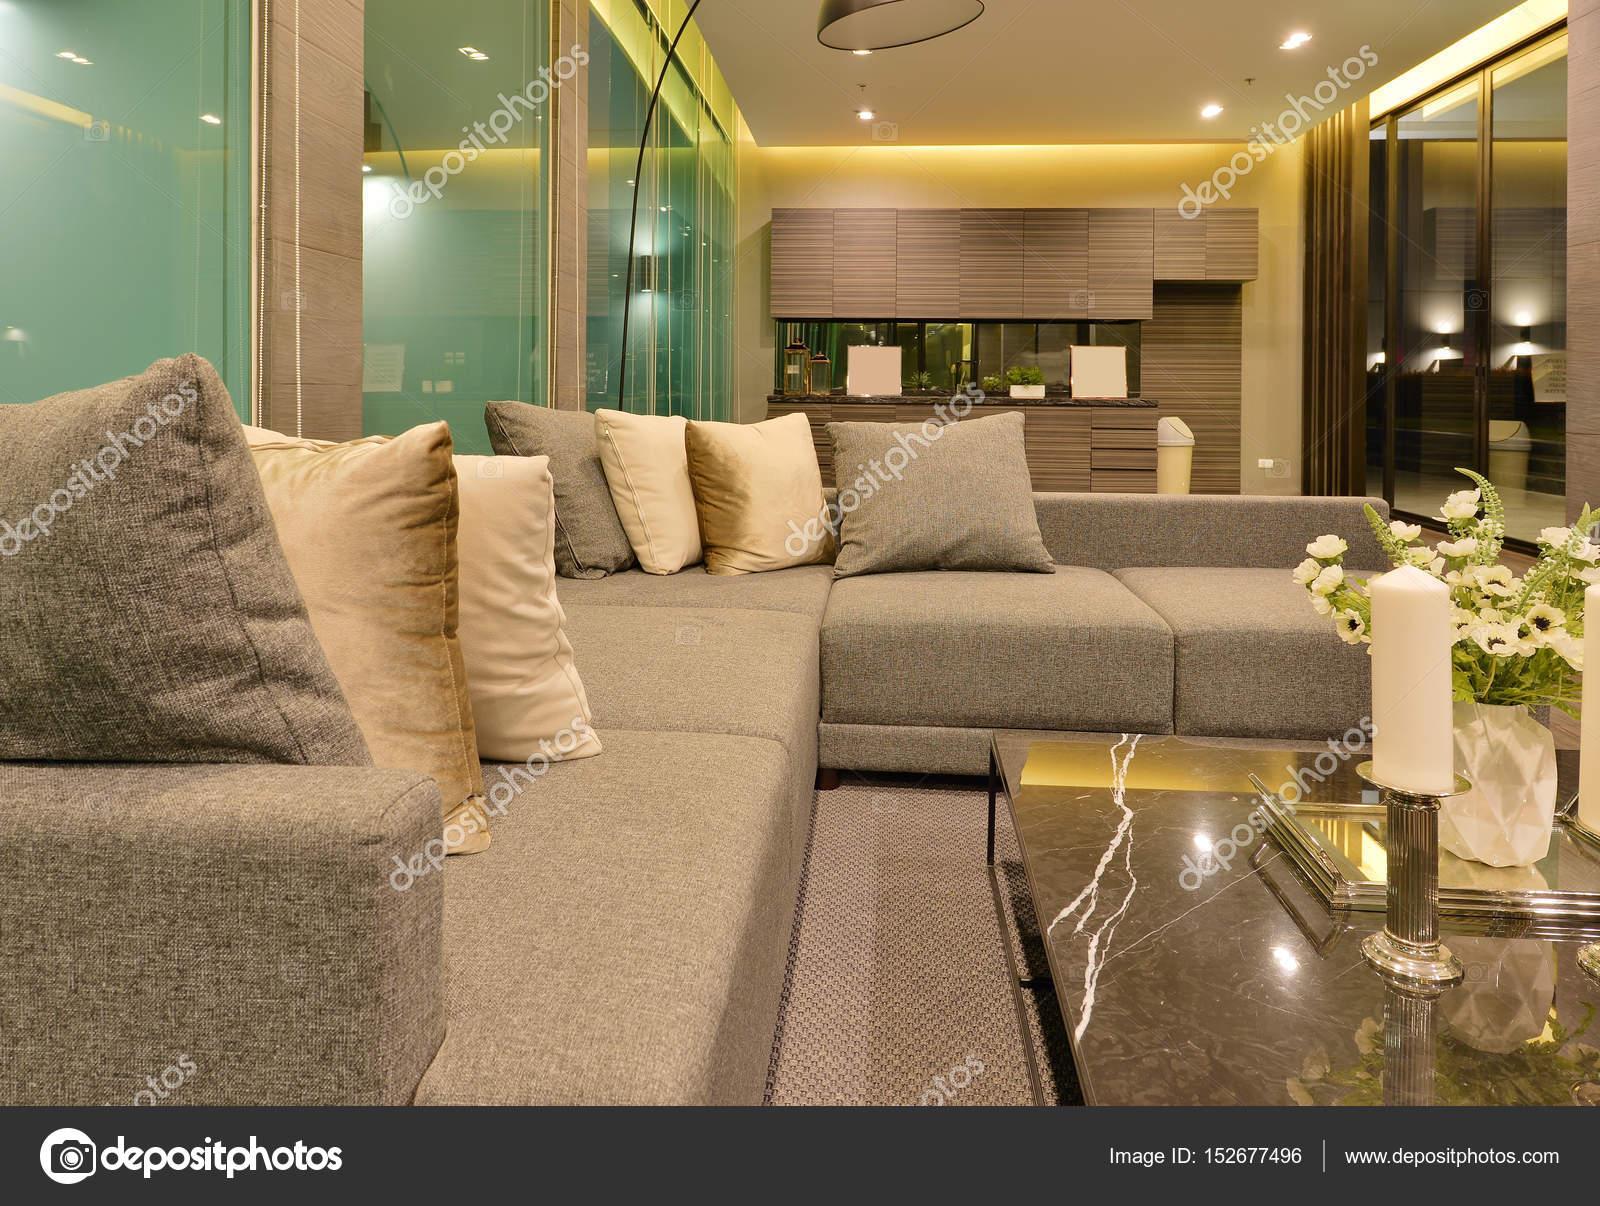 Sofa De Luxo Moderna Sala Interior E Decoracao No Nig Stock Photo